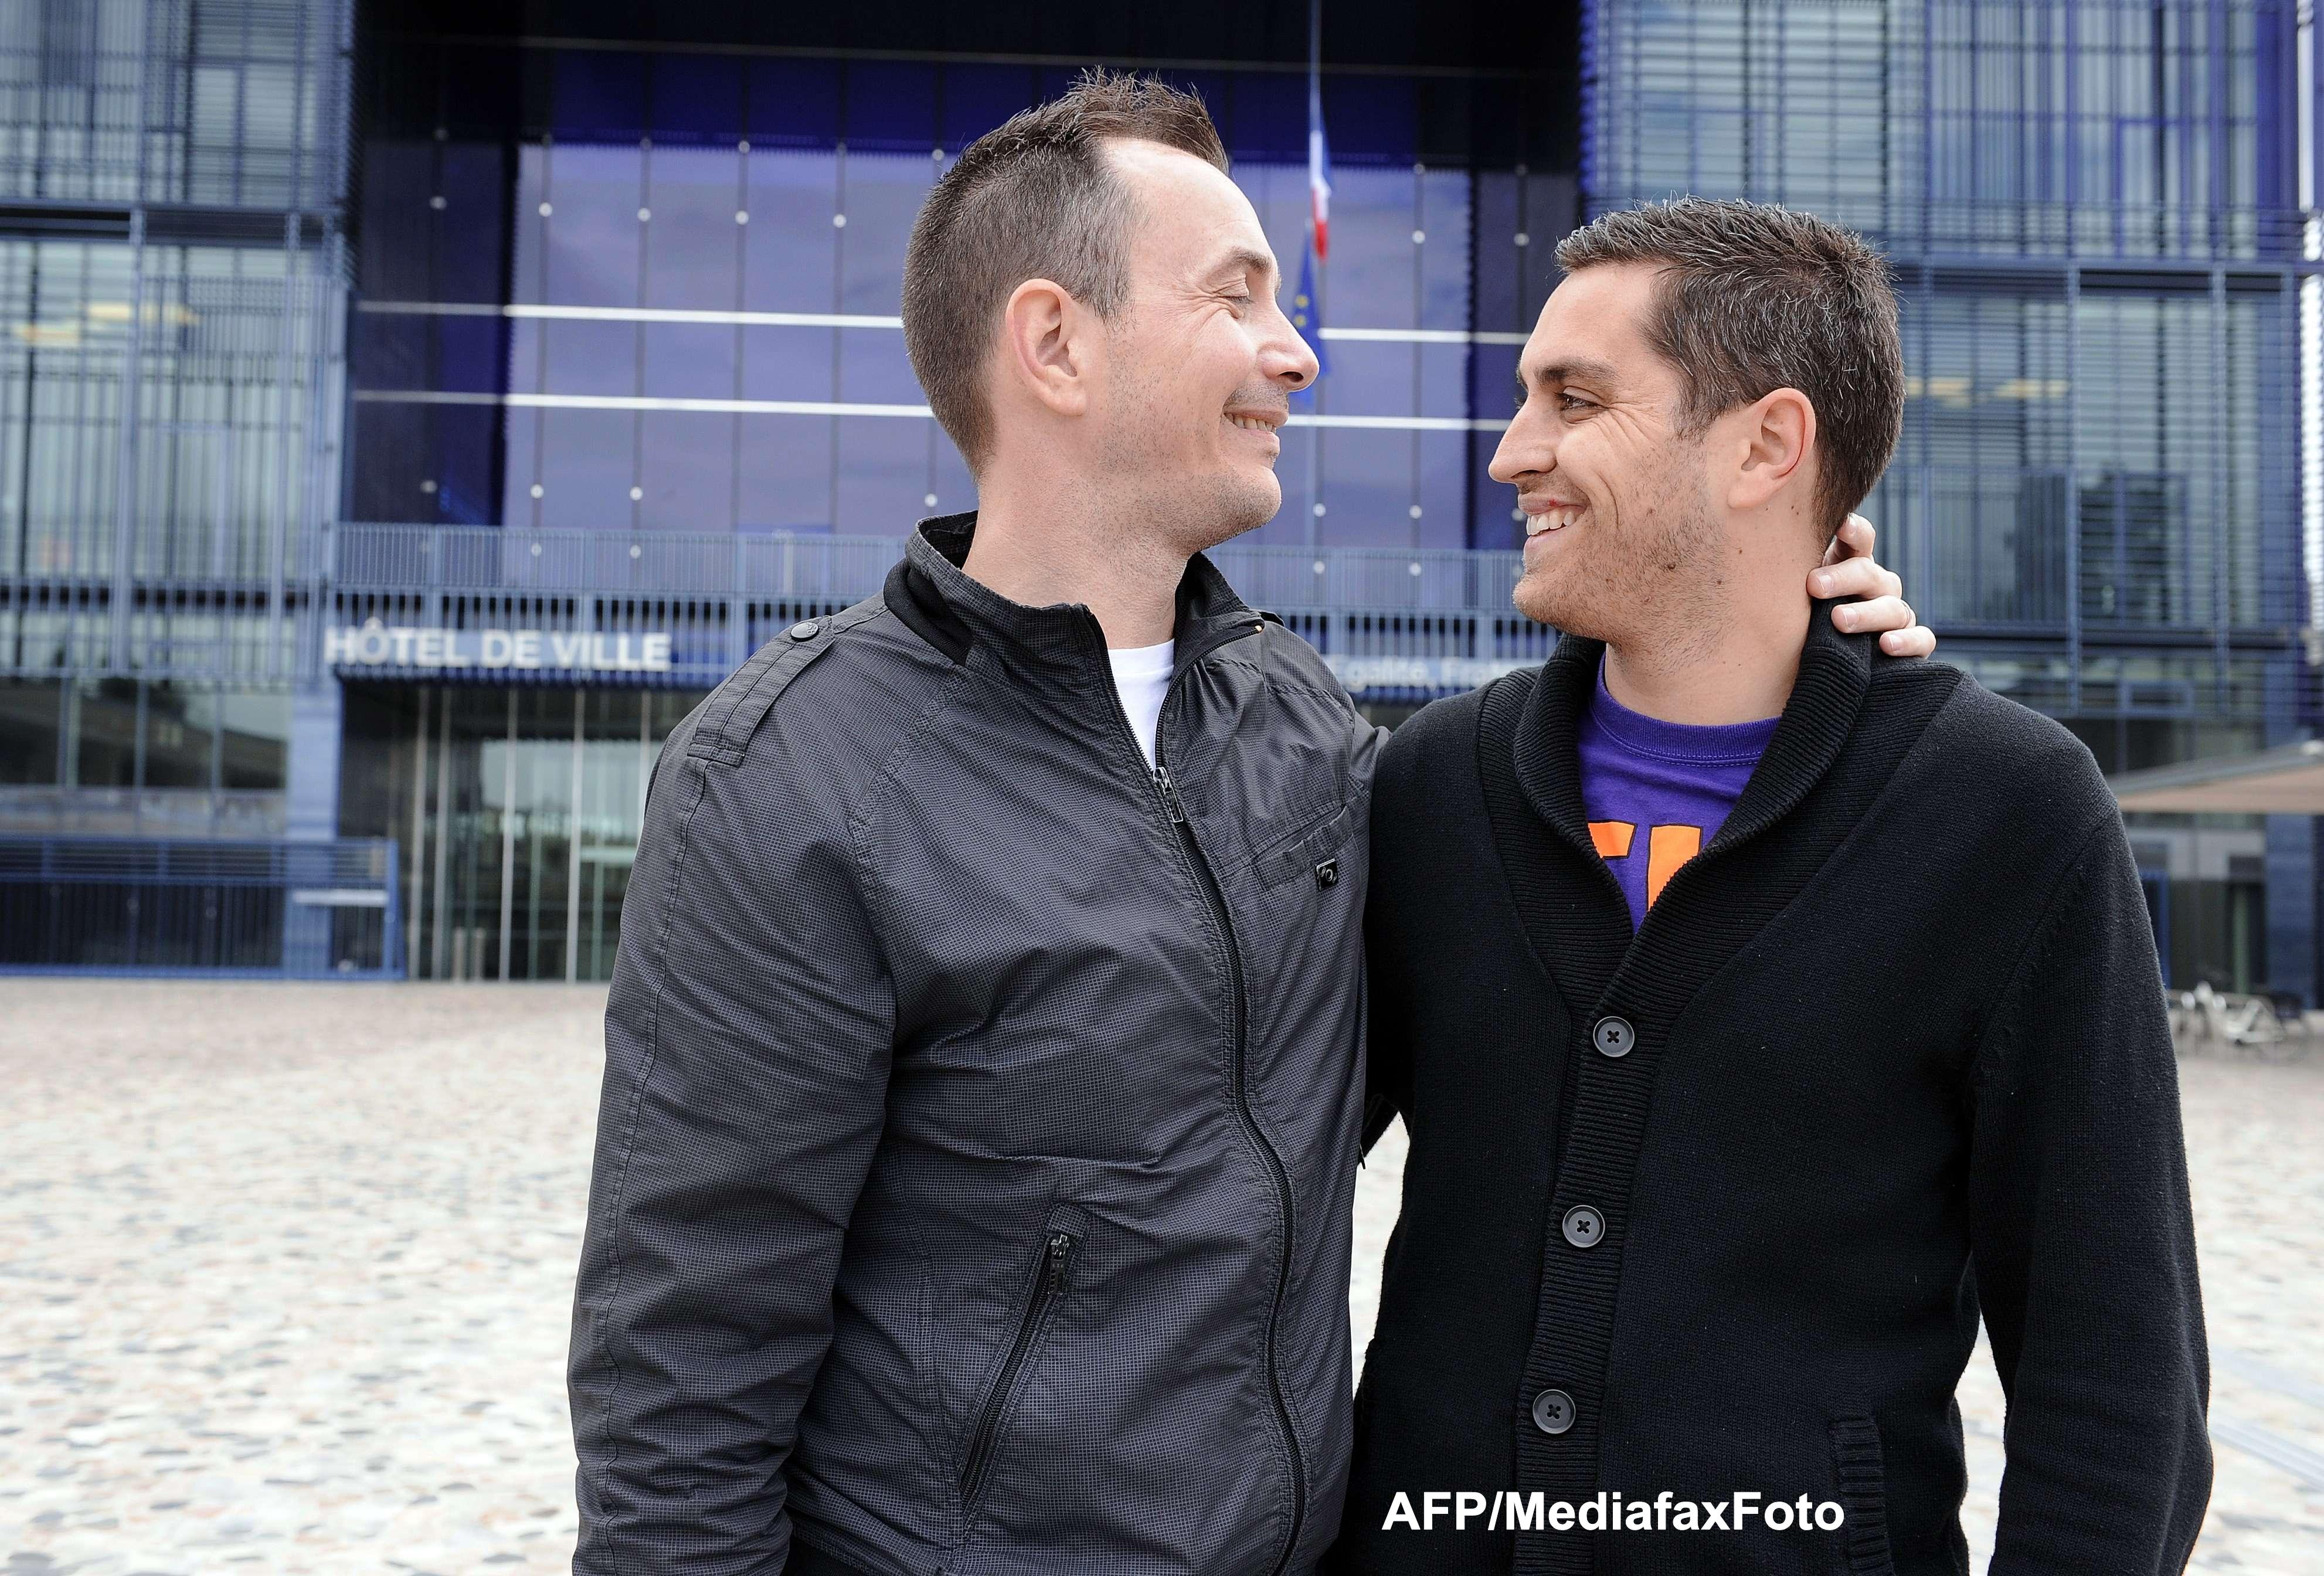 Prima casatorie gay in Franta, acum, LIVE, pe ProTv News. Primarul a primit telefoane de amenintare